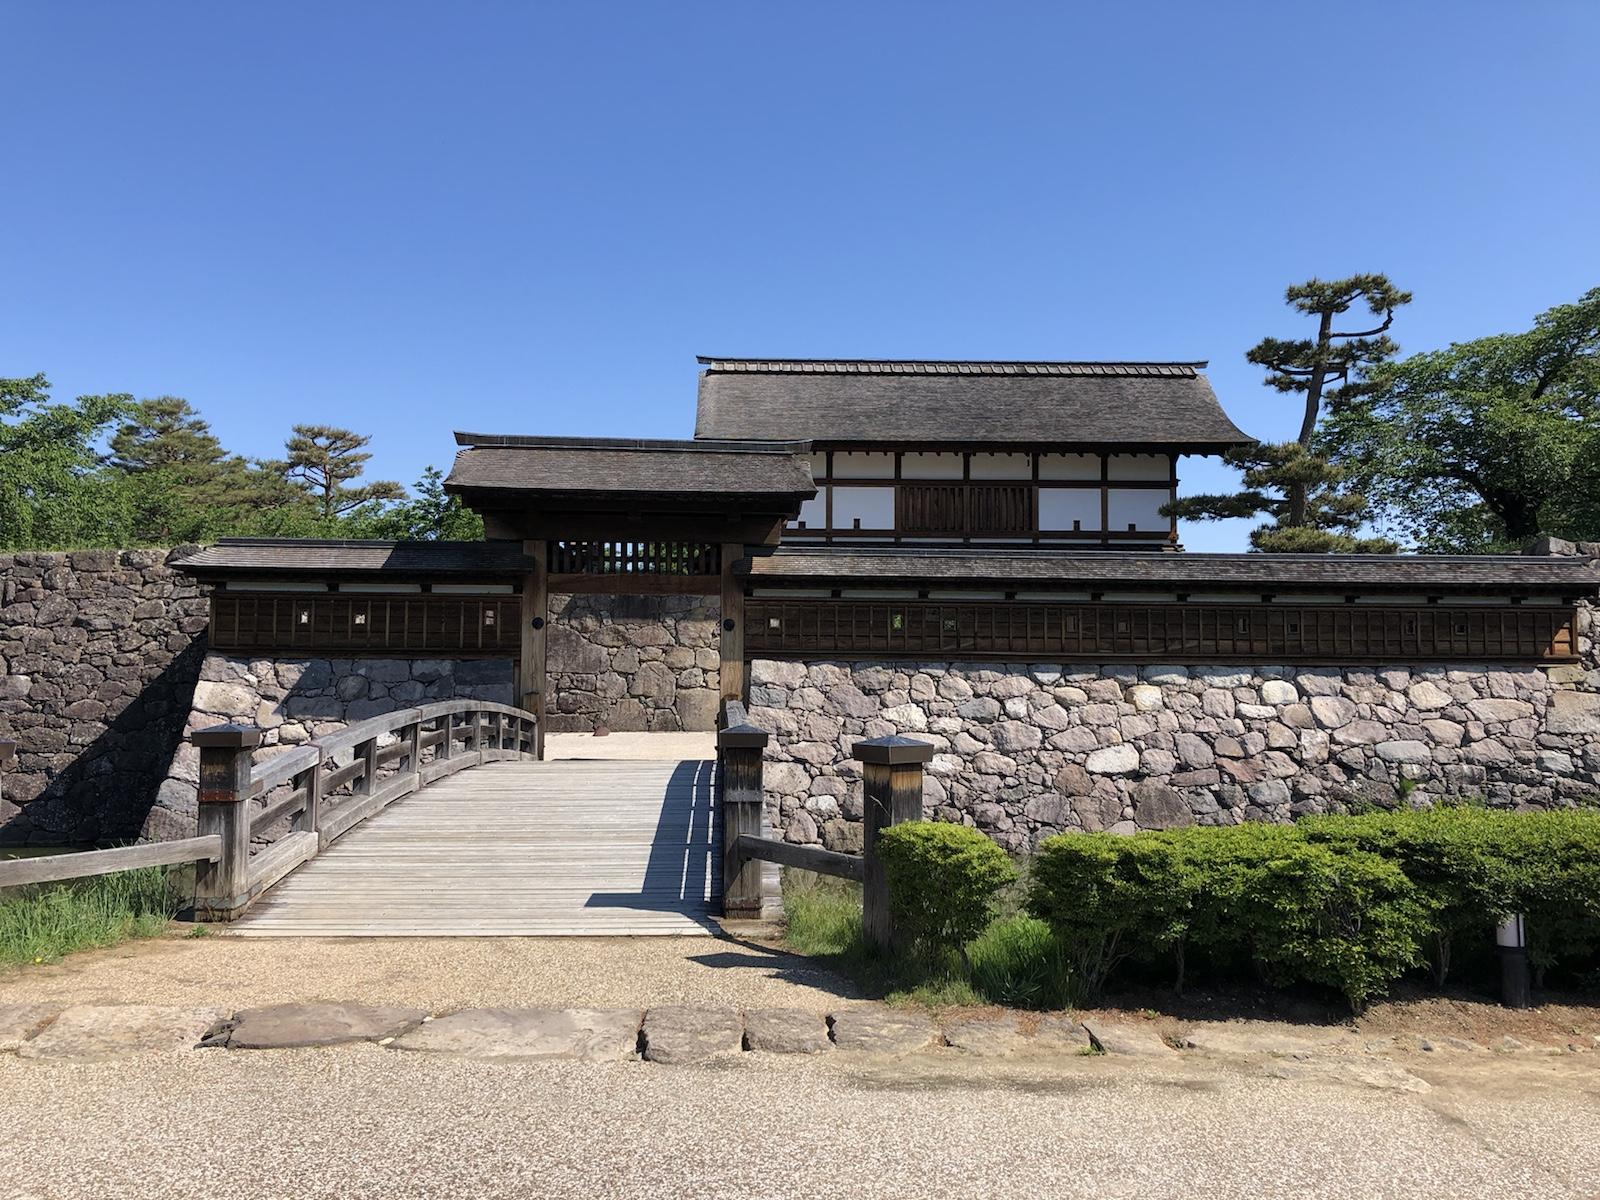 城ぶら「松代城」!信濃の山々に囲まれた武田・真田ゆかりの城